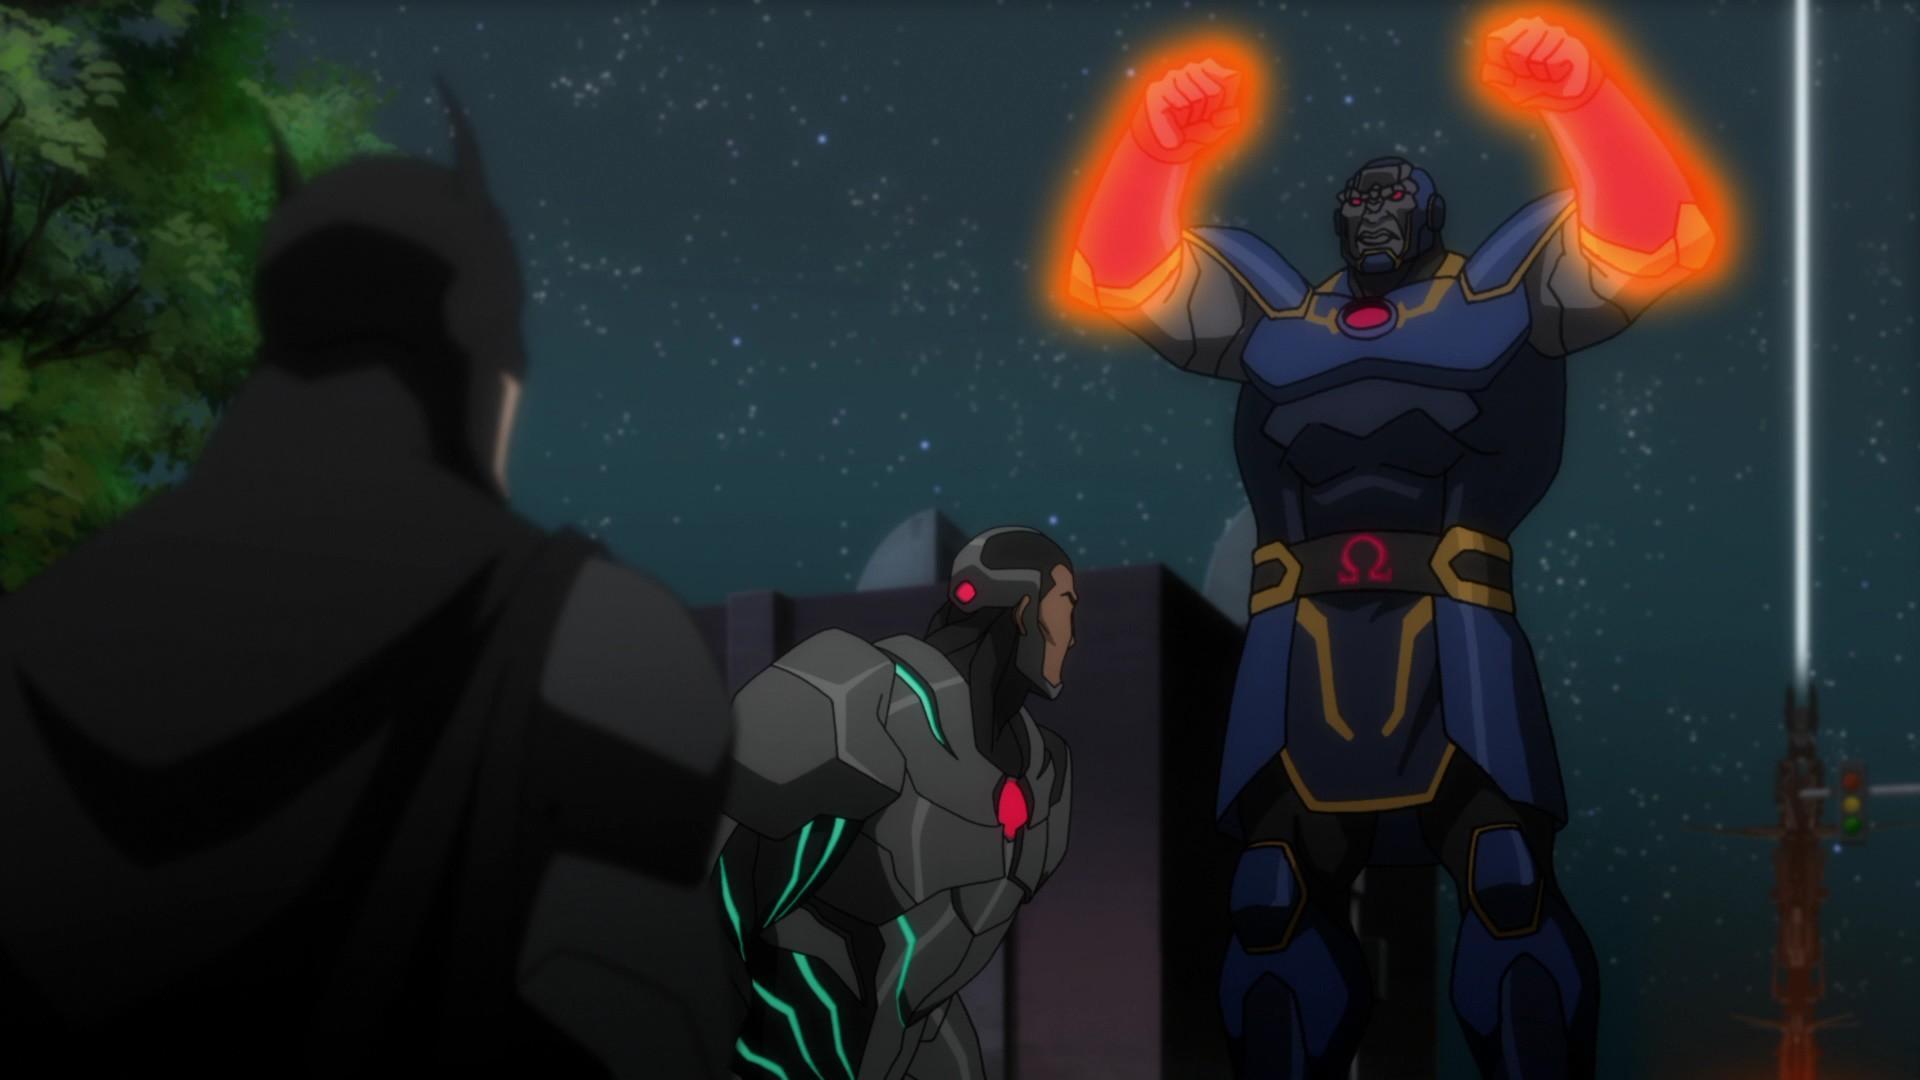 Đố bạn Justice League bản điện ảnh có gì khác với Justice League: War?-6 Đố bạn 'Justice League' bản điện ảnh có gì khác với 'Justice League: War'?